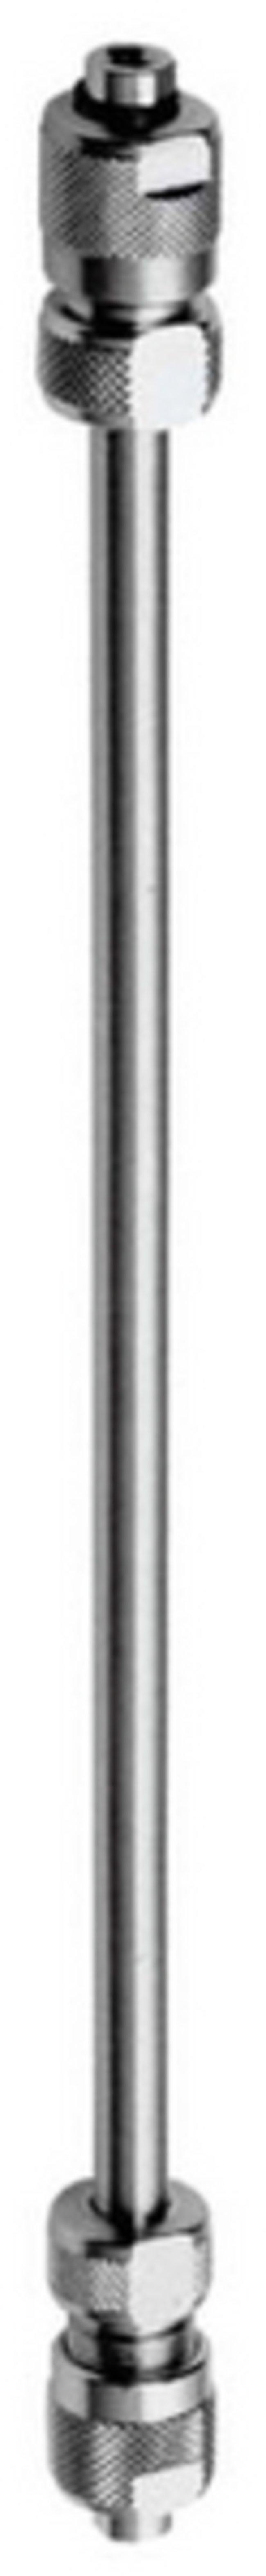 MilliporeSigma™LiChroCART™ Columns/Purospher™ RP-18 Sorbents HPLC Cartridges, 5μm